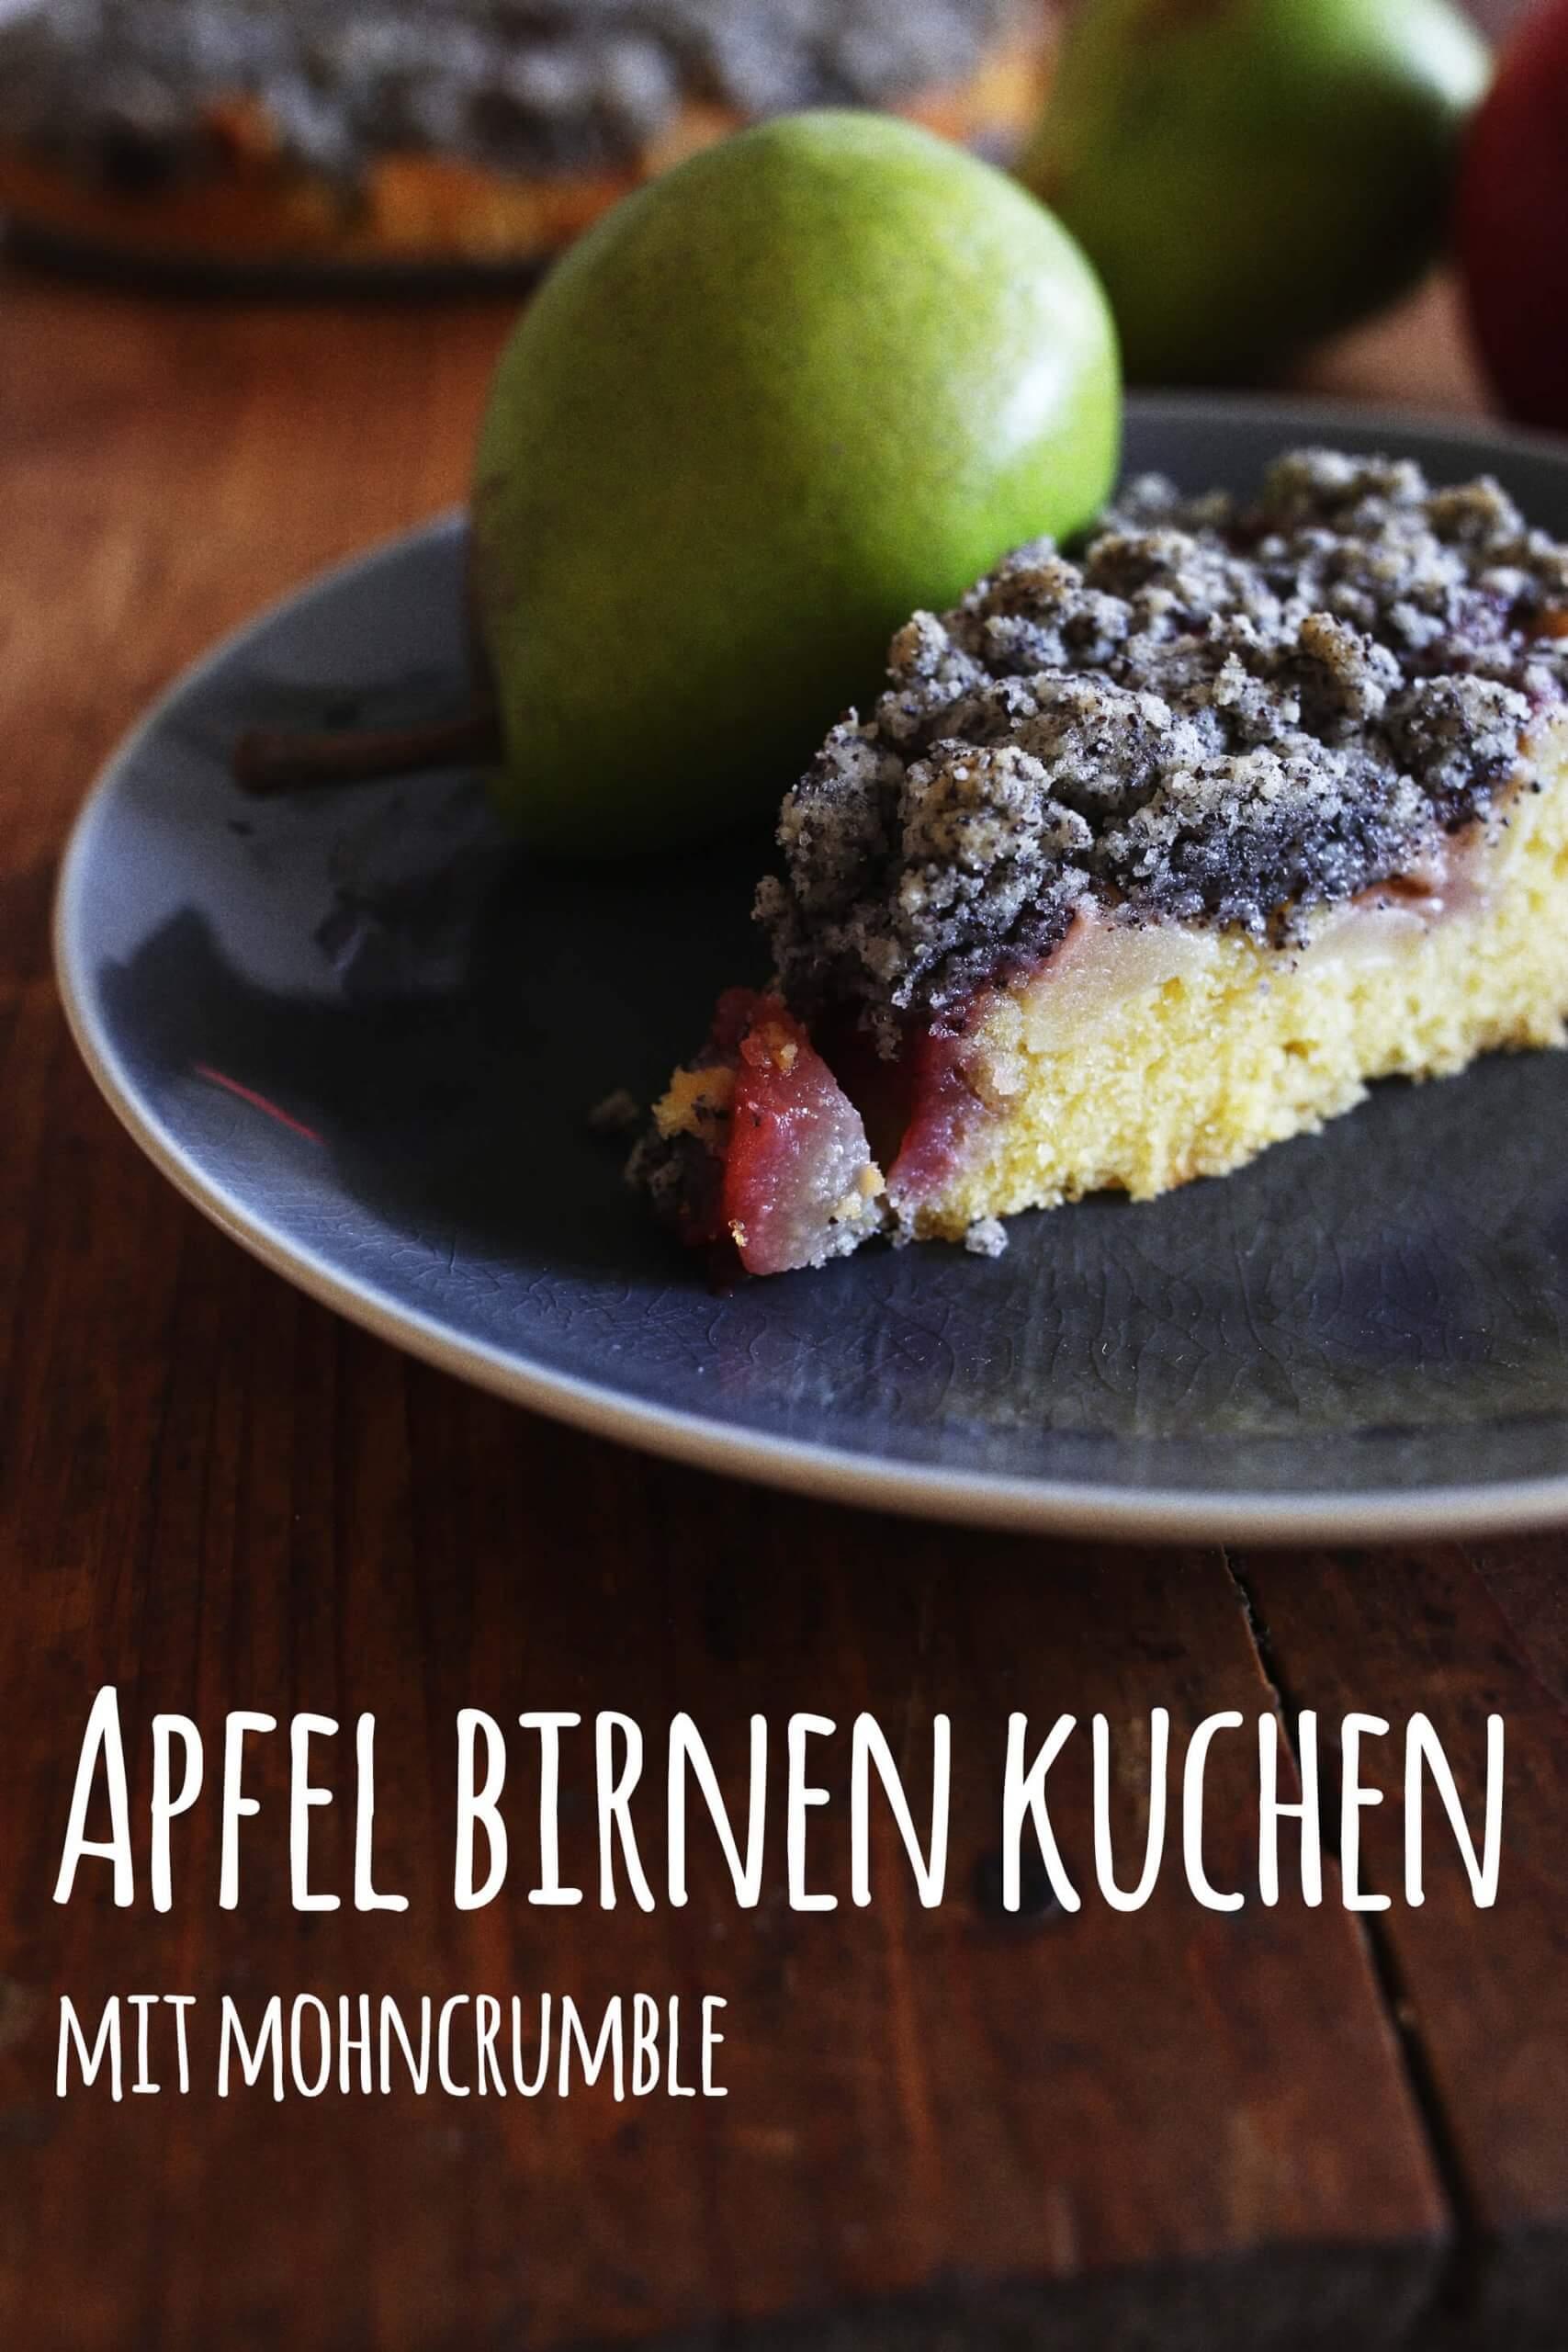 Bloggeburtstag, Gast Nr. 14: Katti von Pottgewächs mit einem Apfel Birnen Kuchen mit Mohncrumble